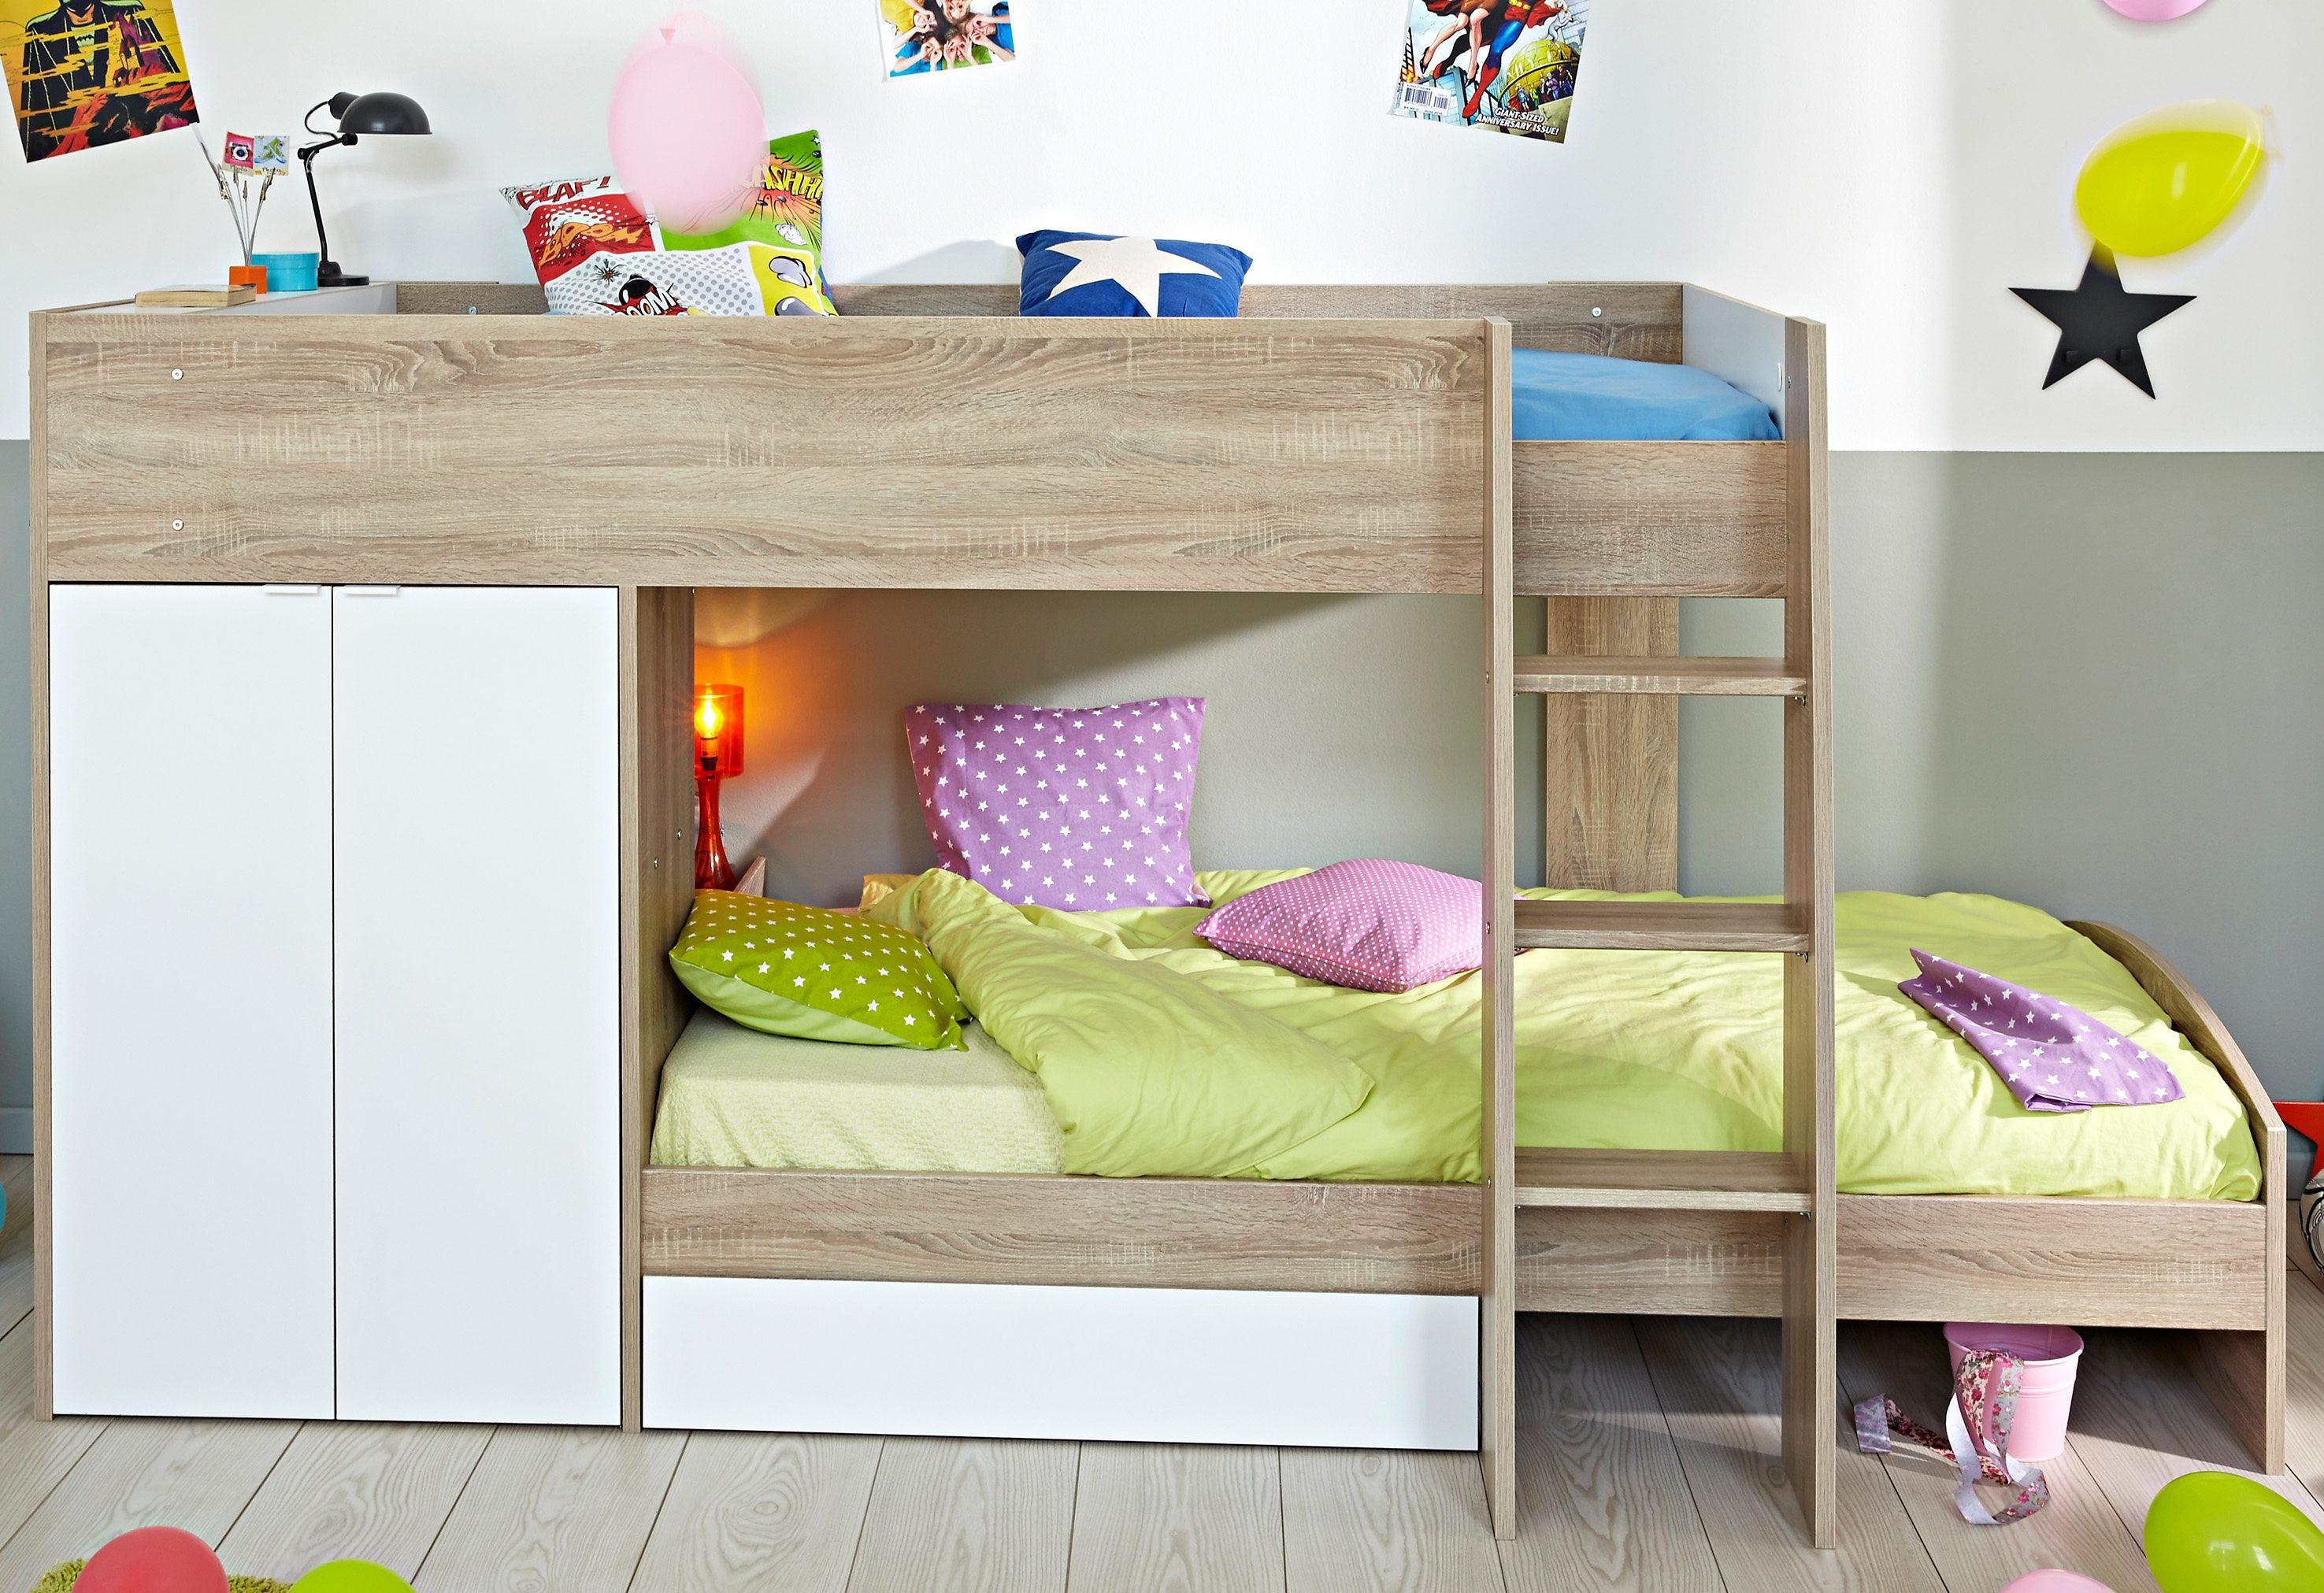 Etagenbett Mit Viel Stauraum : Parisot etagenbett mit vielen stauraummöglichkeiten online kaufen